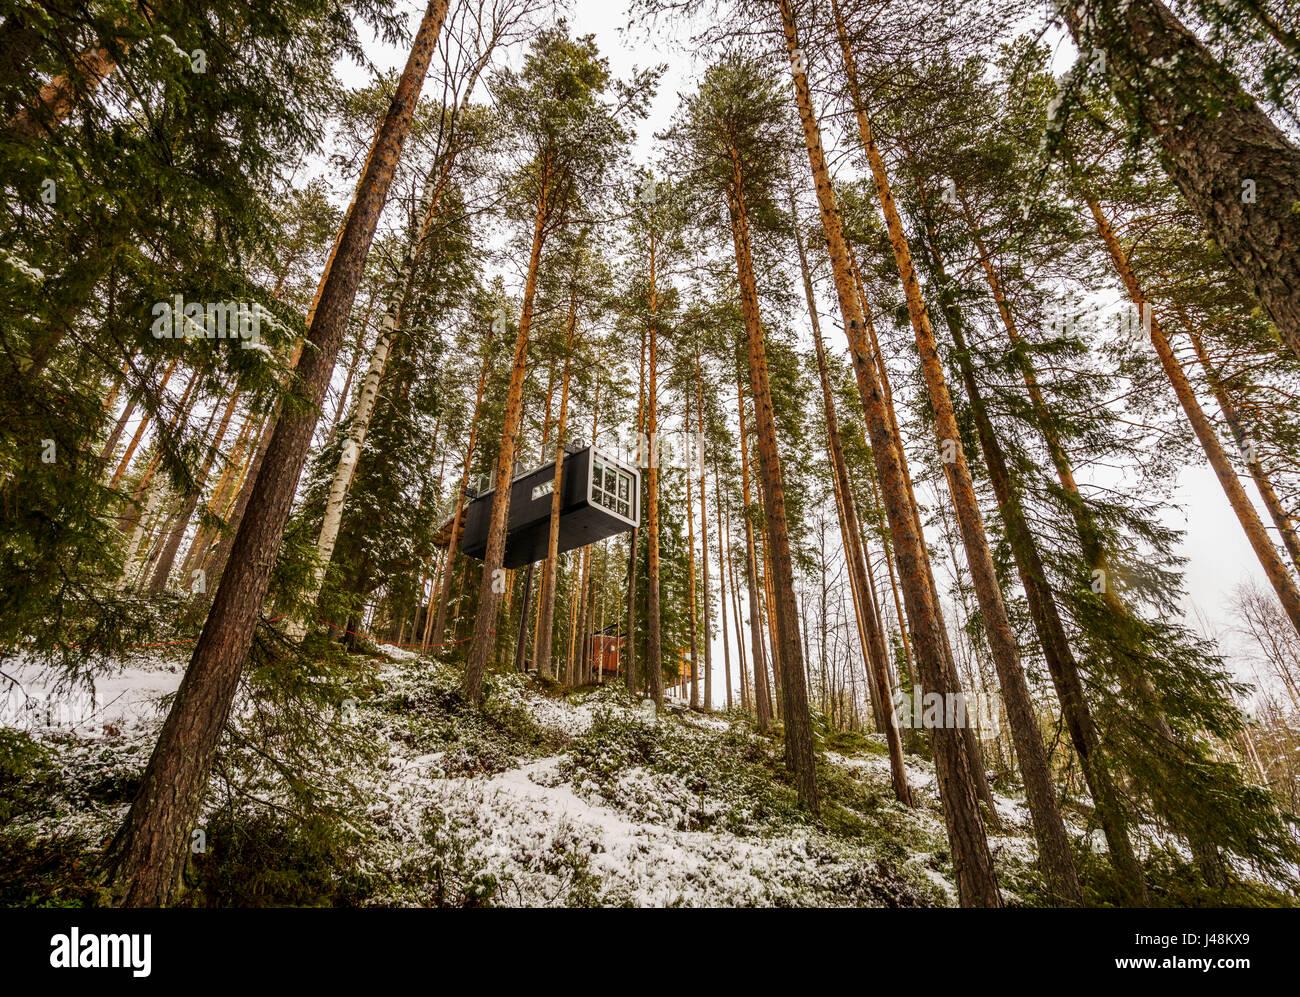 Alojamiento en el bosque, conocido como La Cabaña en el árbol Hotel en Laponia, Suecia Imagen De Stock